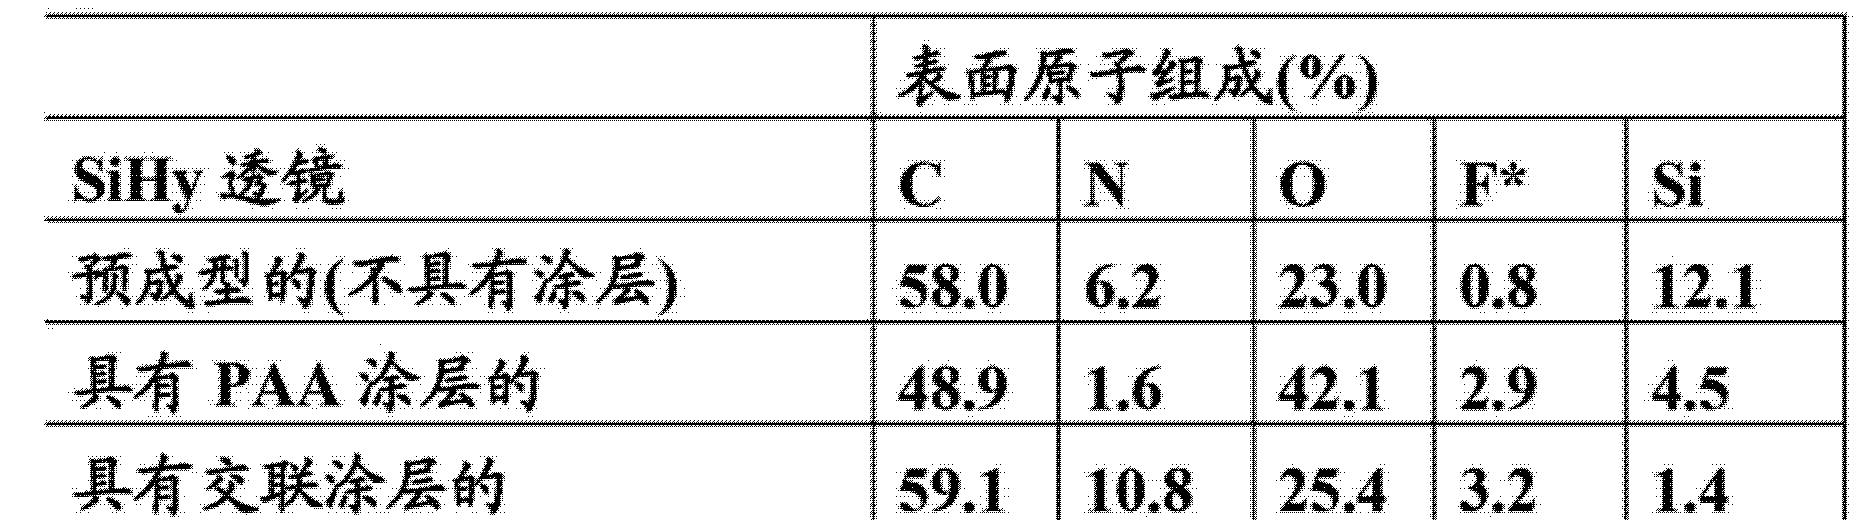 Figure CN103293707BD00511